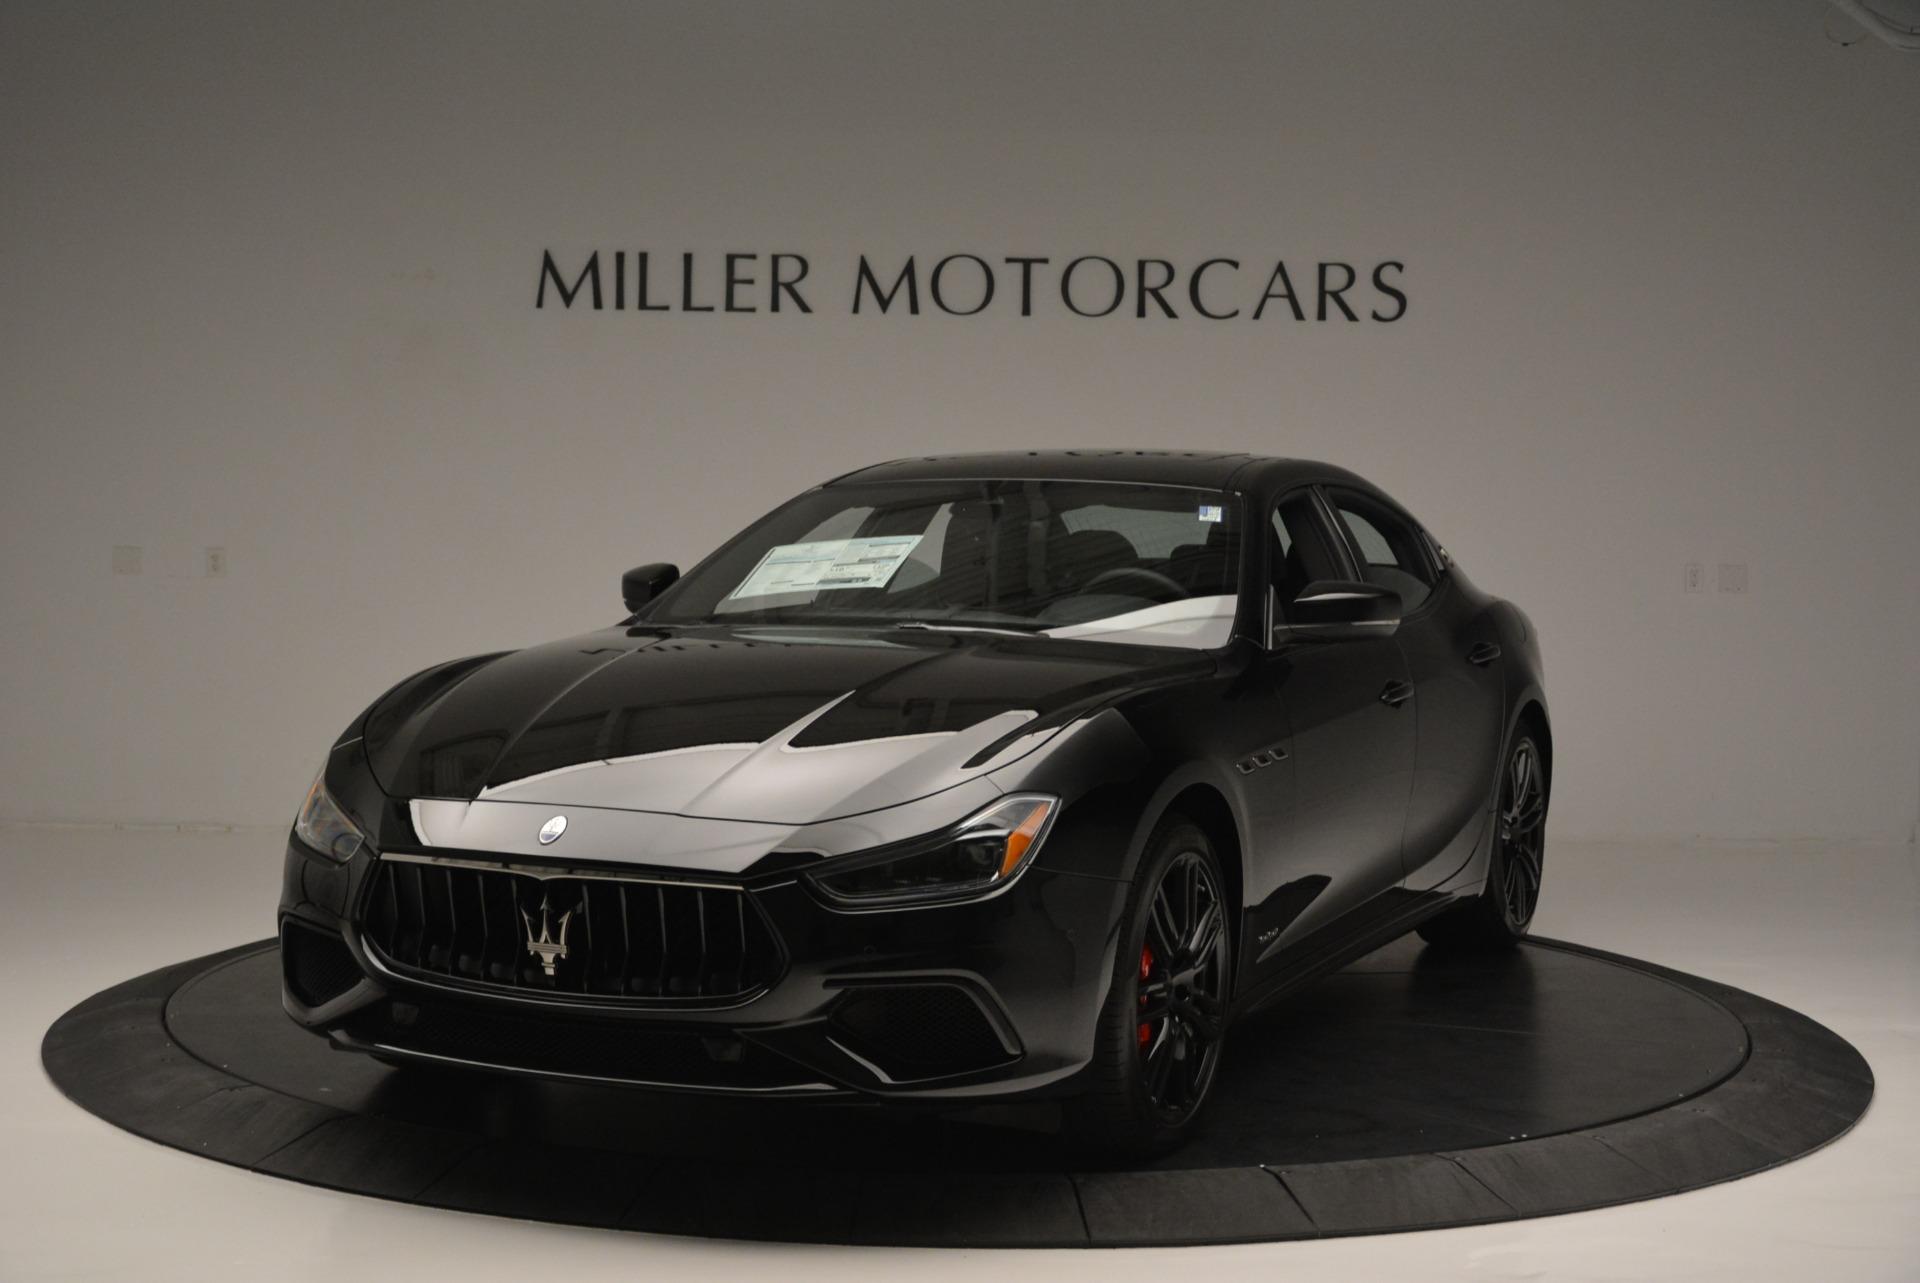 New 2018 Maserati Ghibli SQ4 GranSport Nerissimo For Sale In Greenwich, CT 2368_main